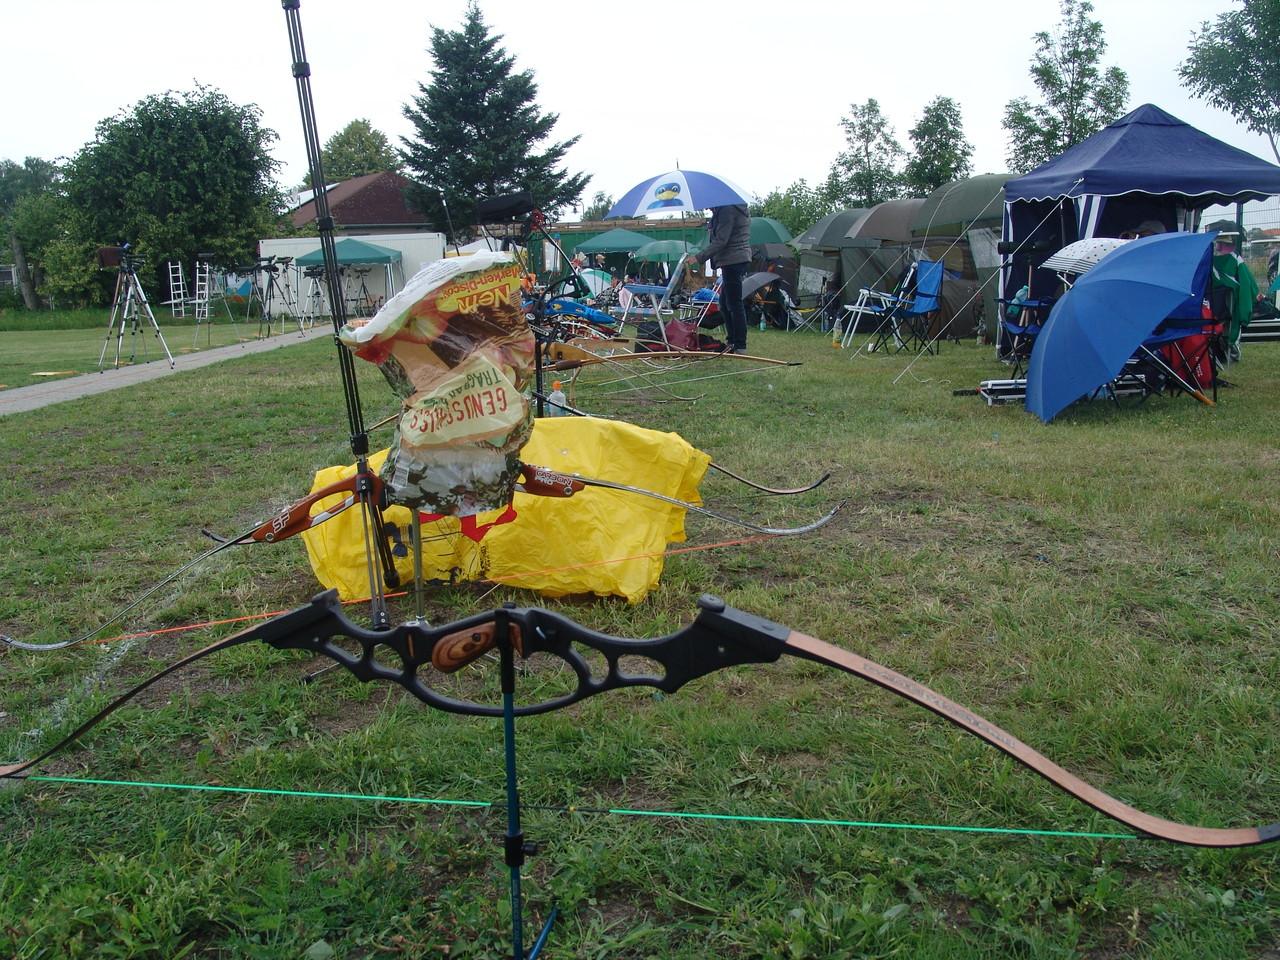 Die Bögen geschützt vor dem Regen